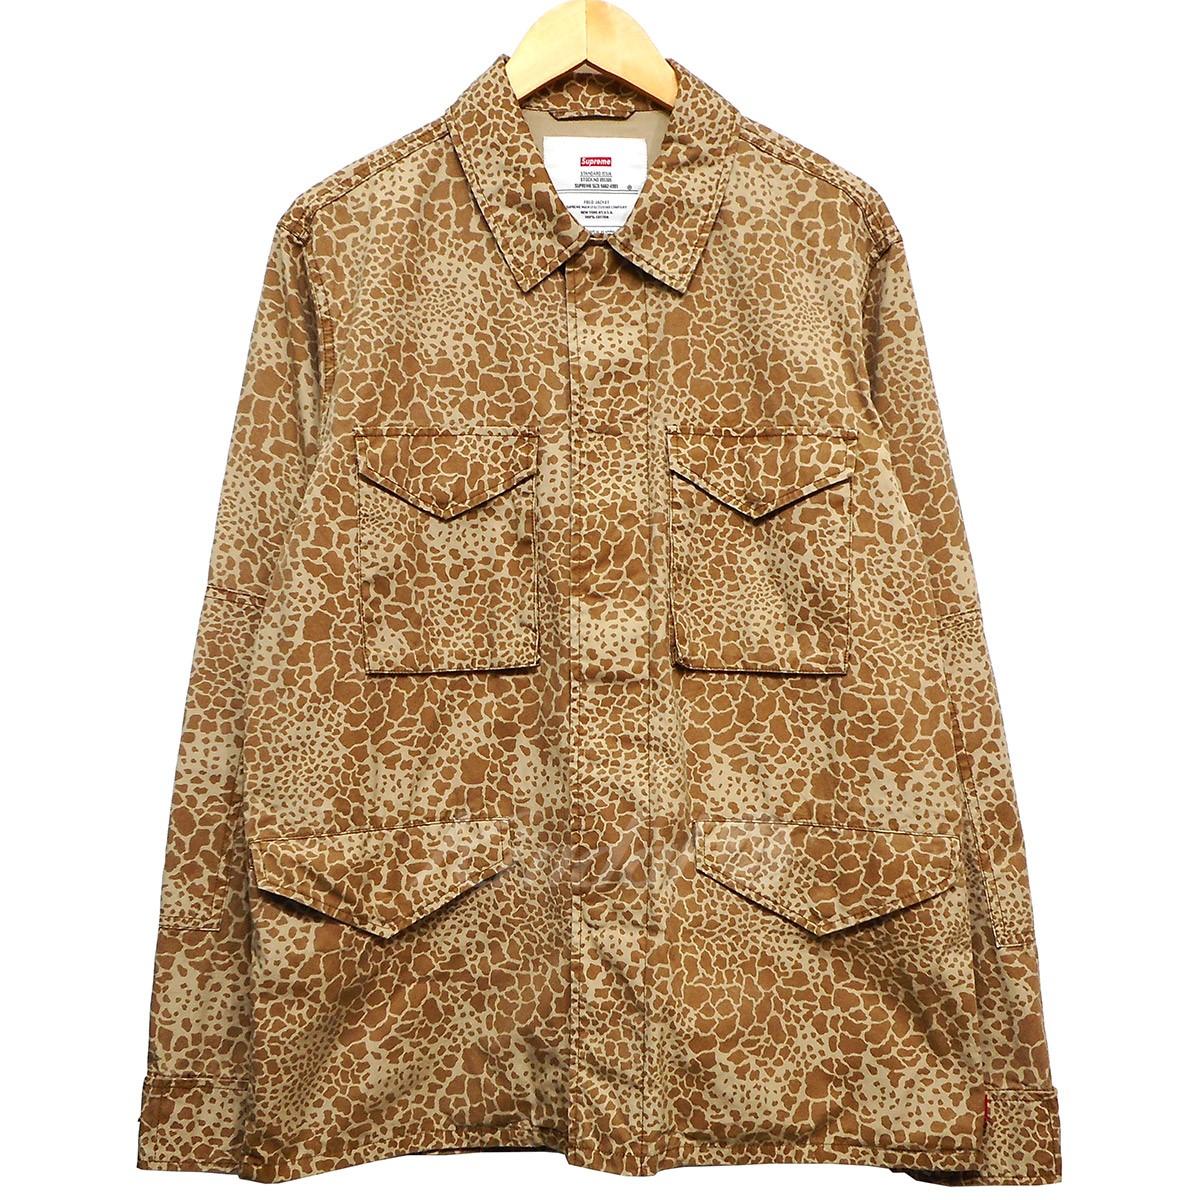 【5月9日 お値段見直しました】【中古】SUPREME12SS Field JKT CAMO giraffe pattern jacket カーキ サイズ:M